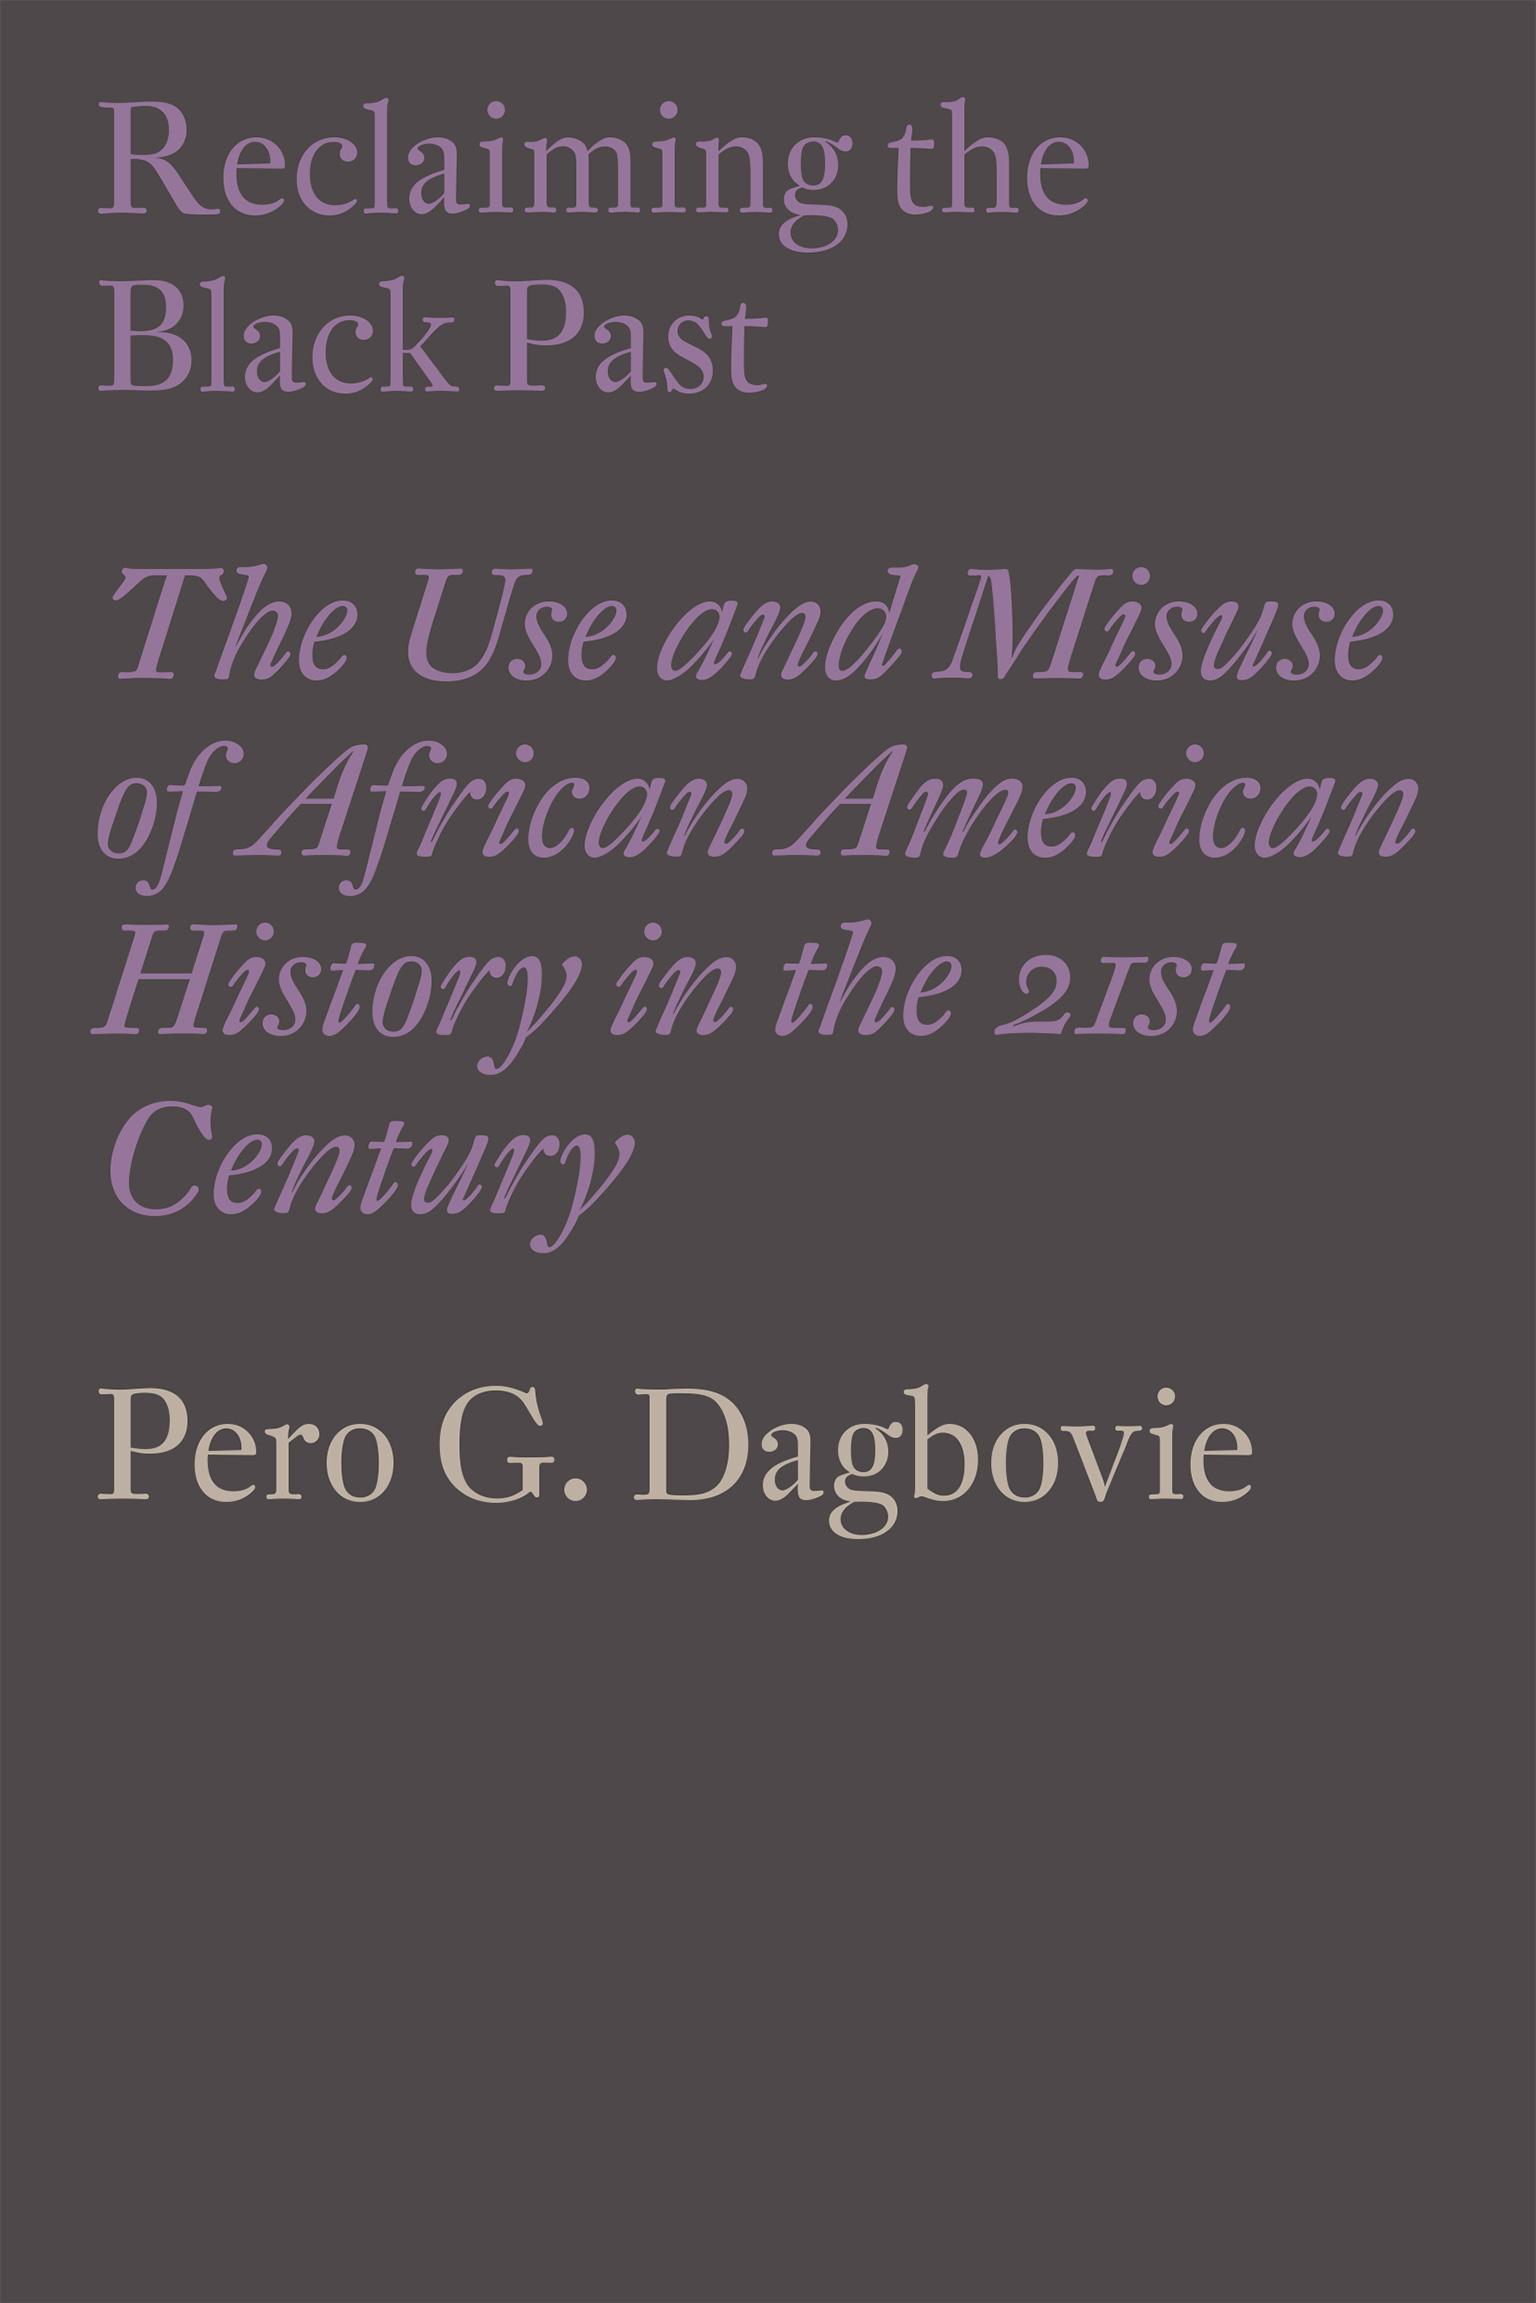 Dagbovie---reclaiming-the-black-past